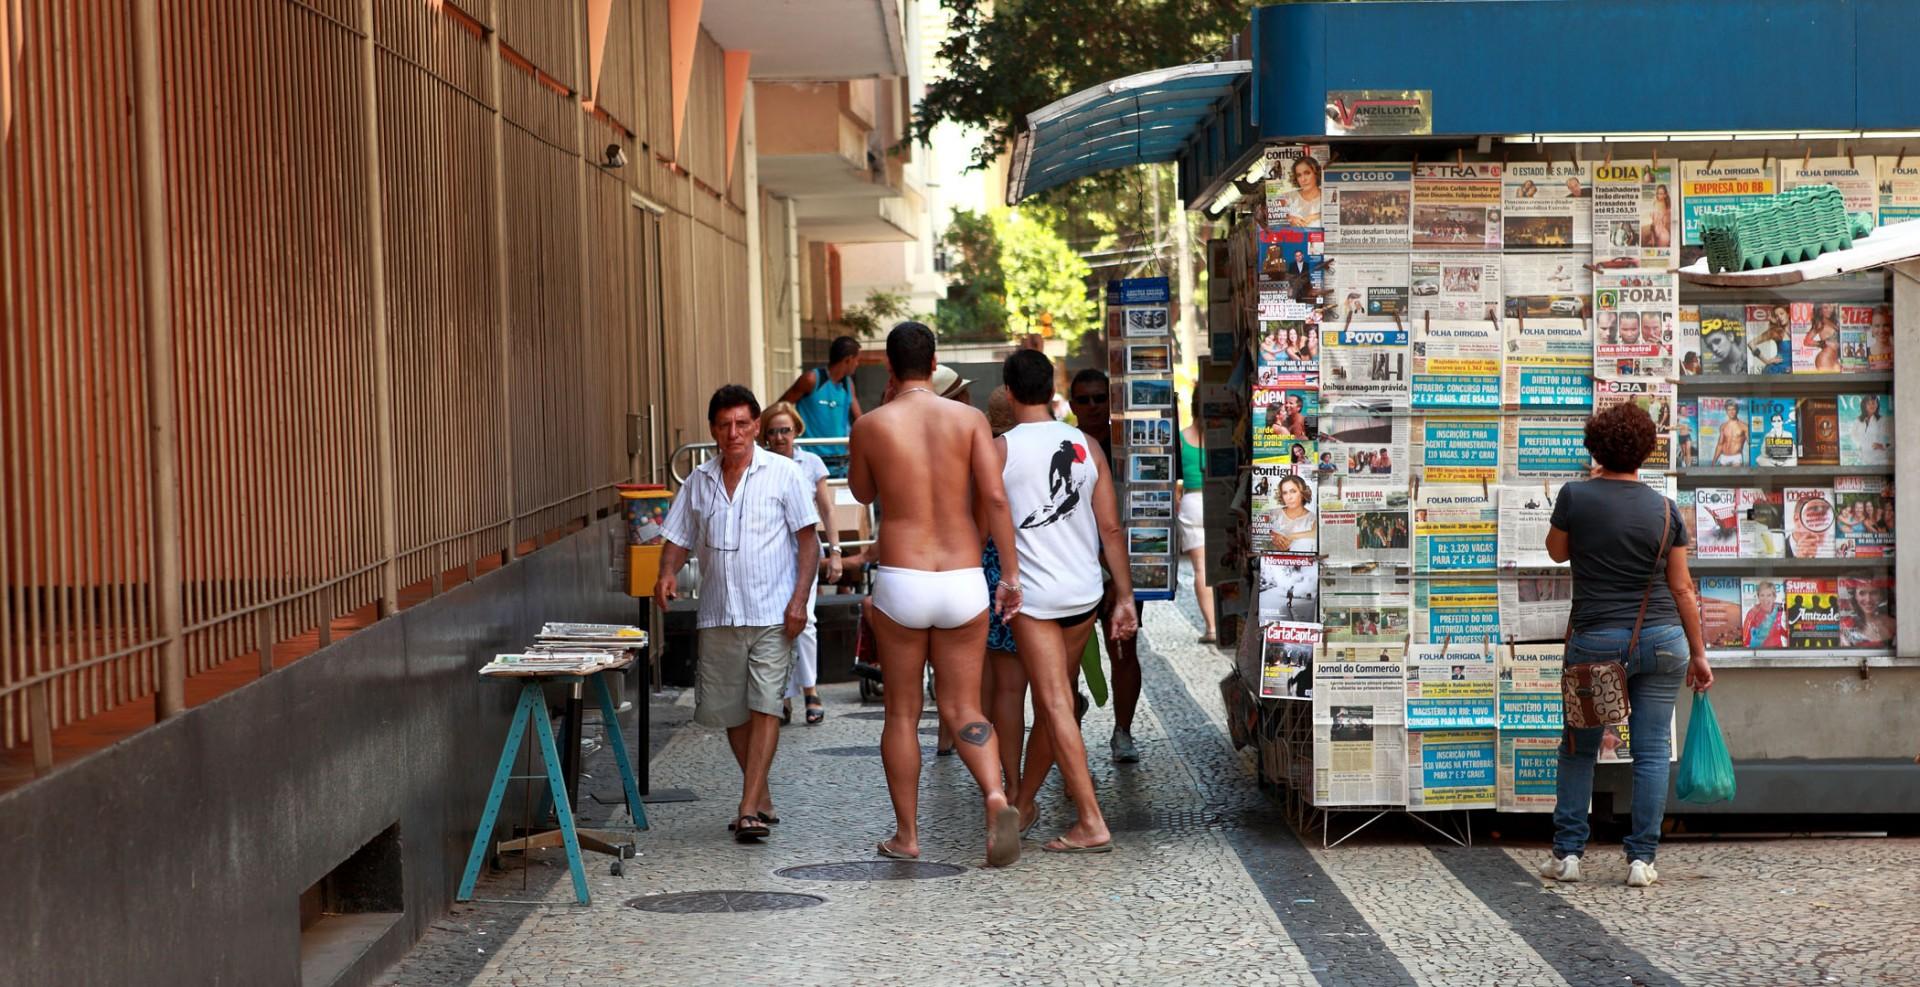 Reportage-Fotograf-in-Paris-Reportage-Fotografie-Halb-nackt-durch-Rio